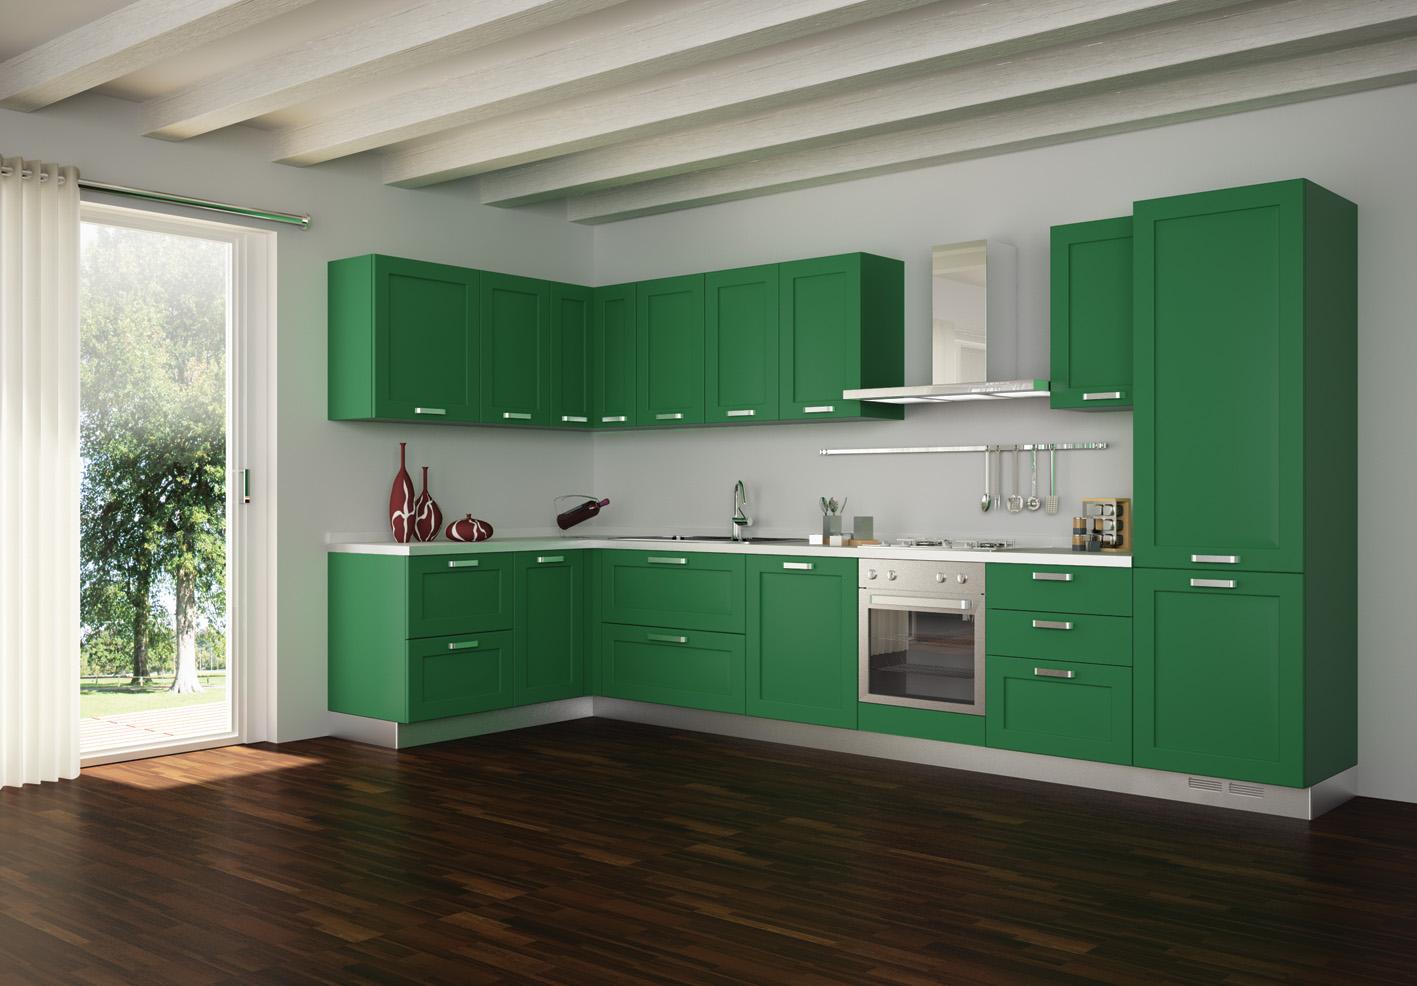 کابینت مدل ال شکل خارجی بزرگ با رنگ سبز مشرف به فضای سالن بدون جزیره